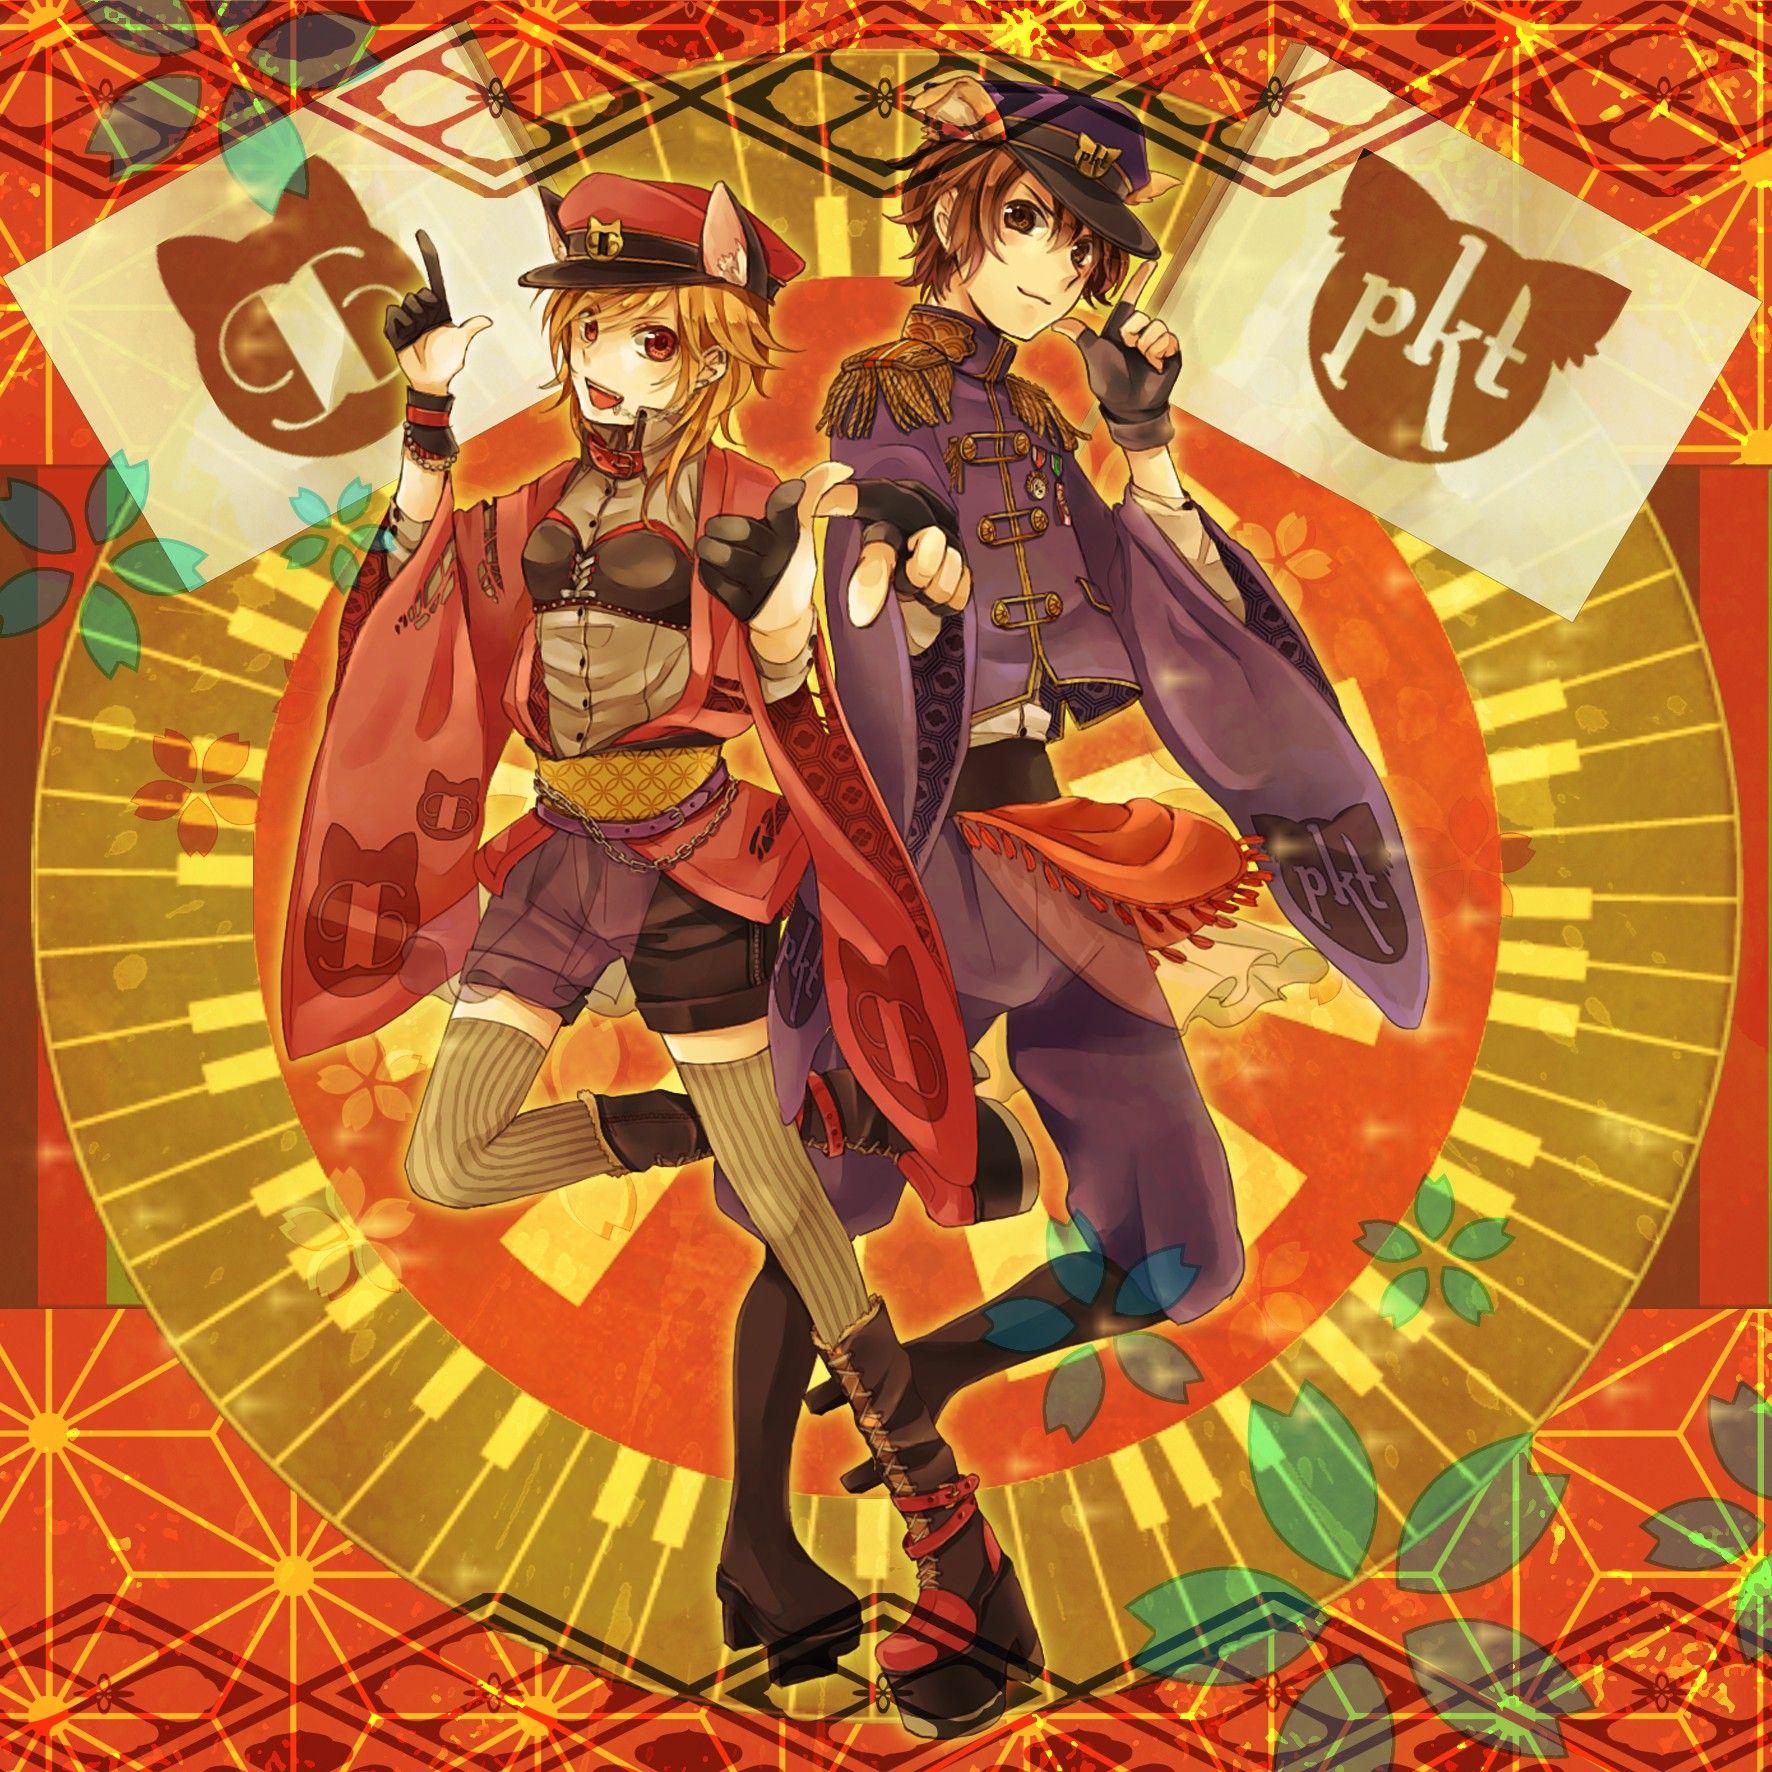 Tags: Nico Nico Singer, Pokota (Nico Nico Singer), 96neko, Senbon Sakura, Pixiv Id 317290